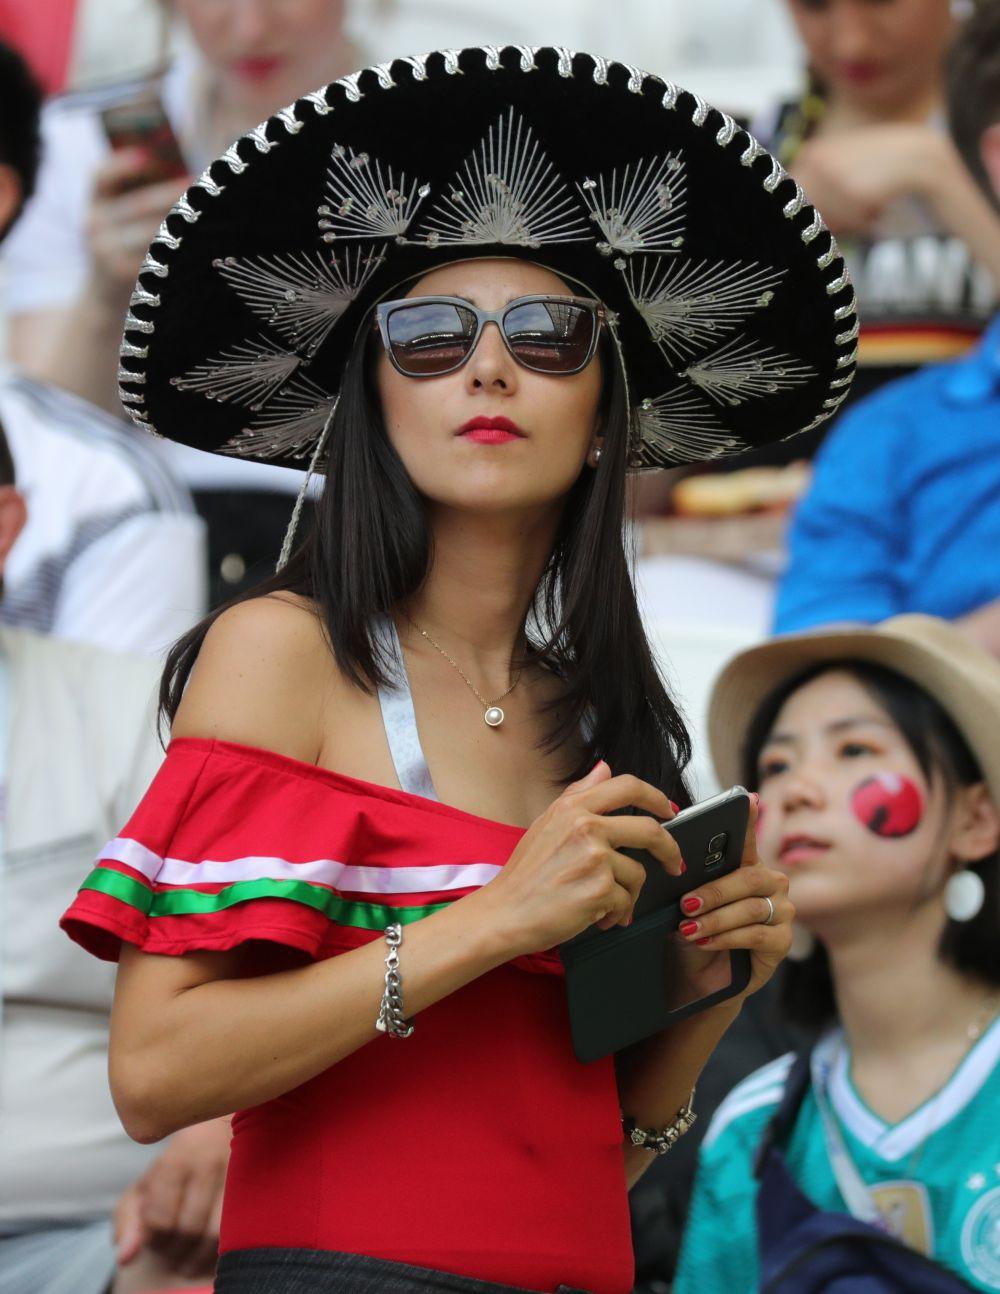 Благодаря поражению Германии из группы вышла Мексика, так что этой фанатке было за кого поболеть в Казани.